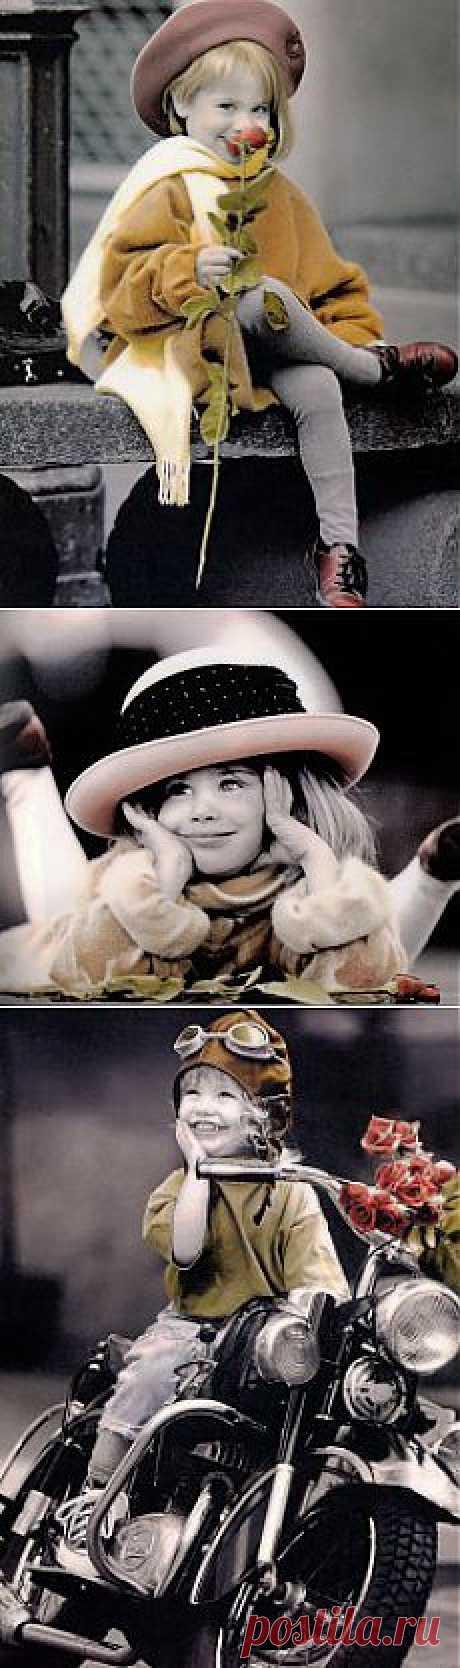 Красивые детские фотографии Kim Anderson | Оригинальные идеи для творчества